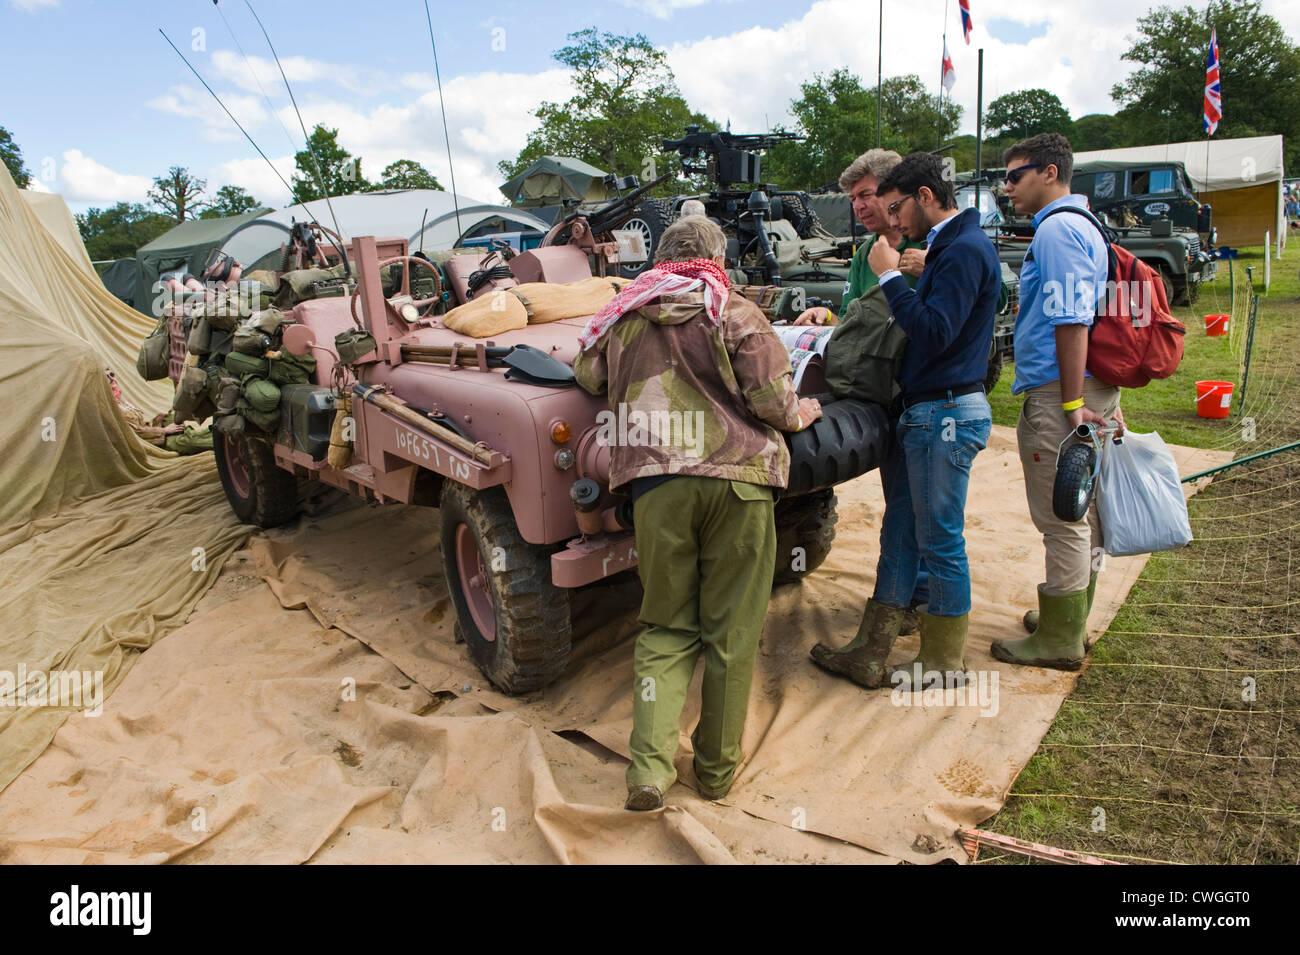 for land panther sale pink models defender landrover wagon wonderland rover station cars